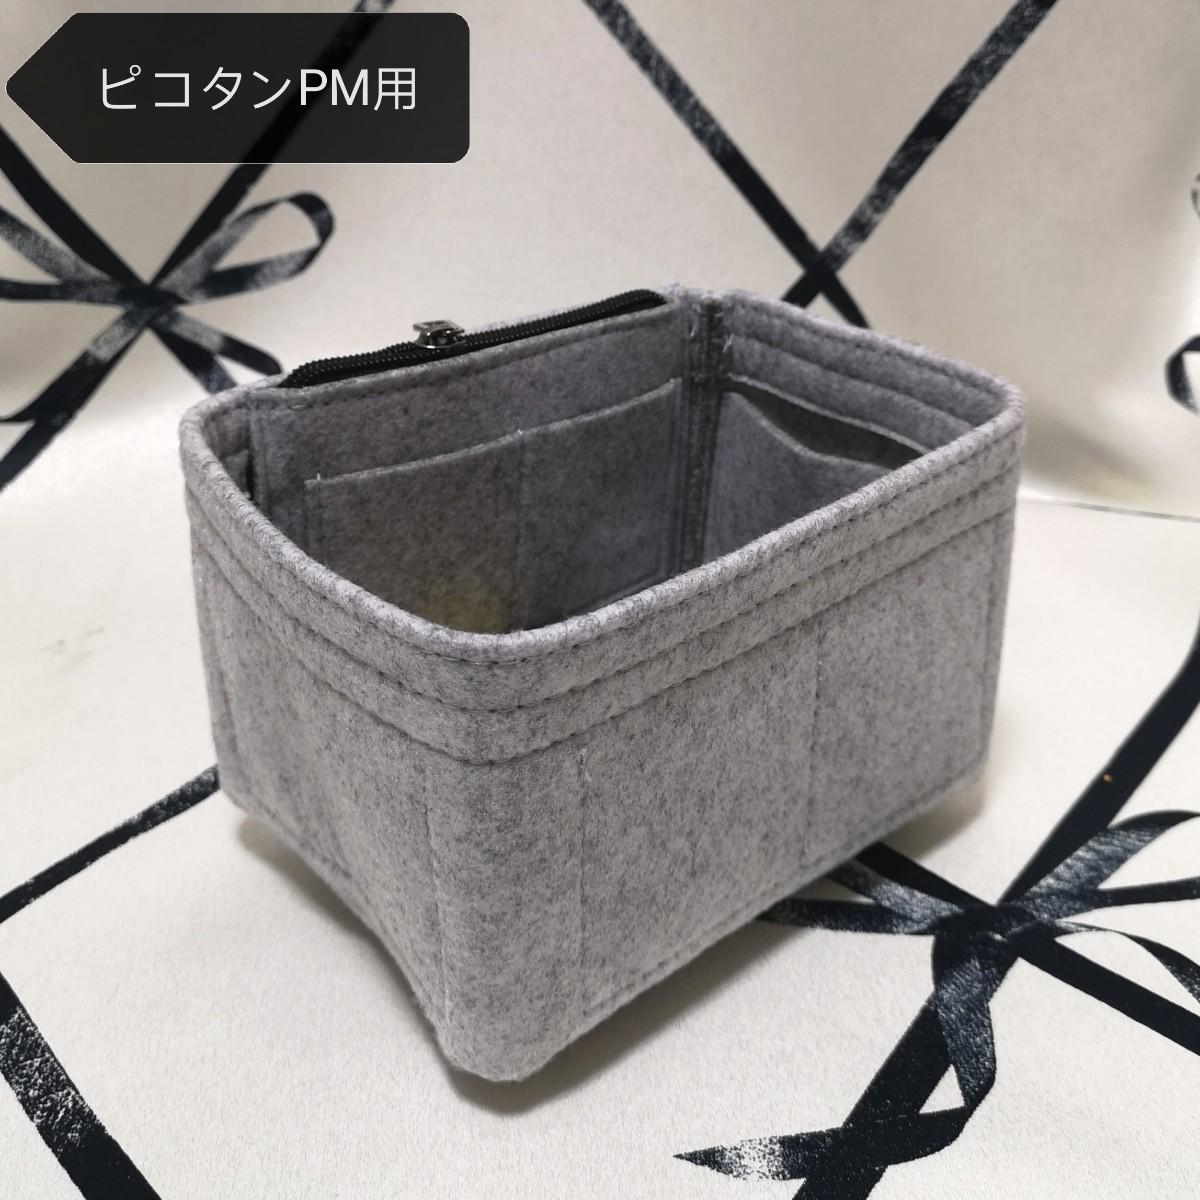 バッグインバッグ インナーバッグ  ピコタン PM 灰色 グレー